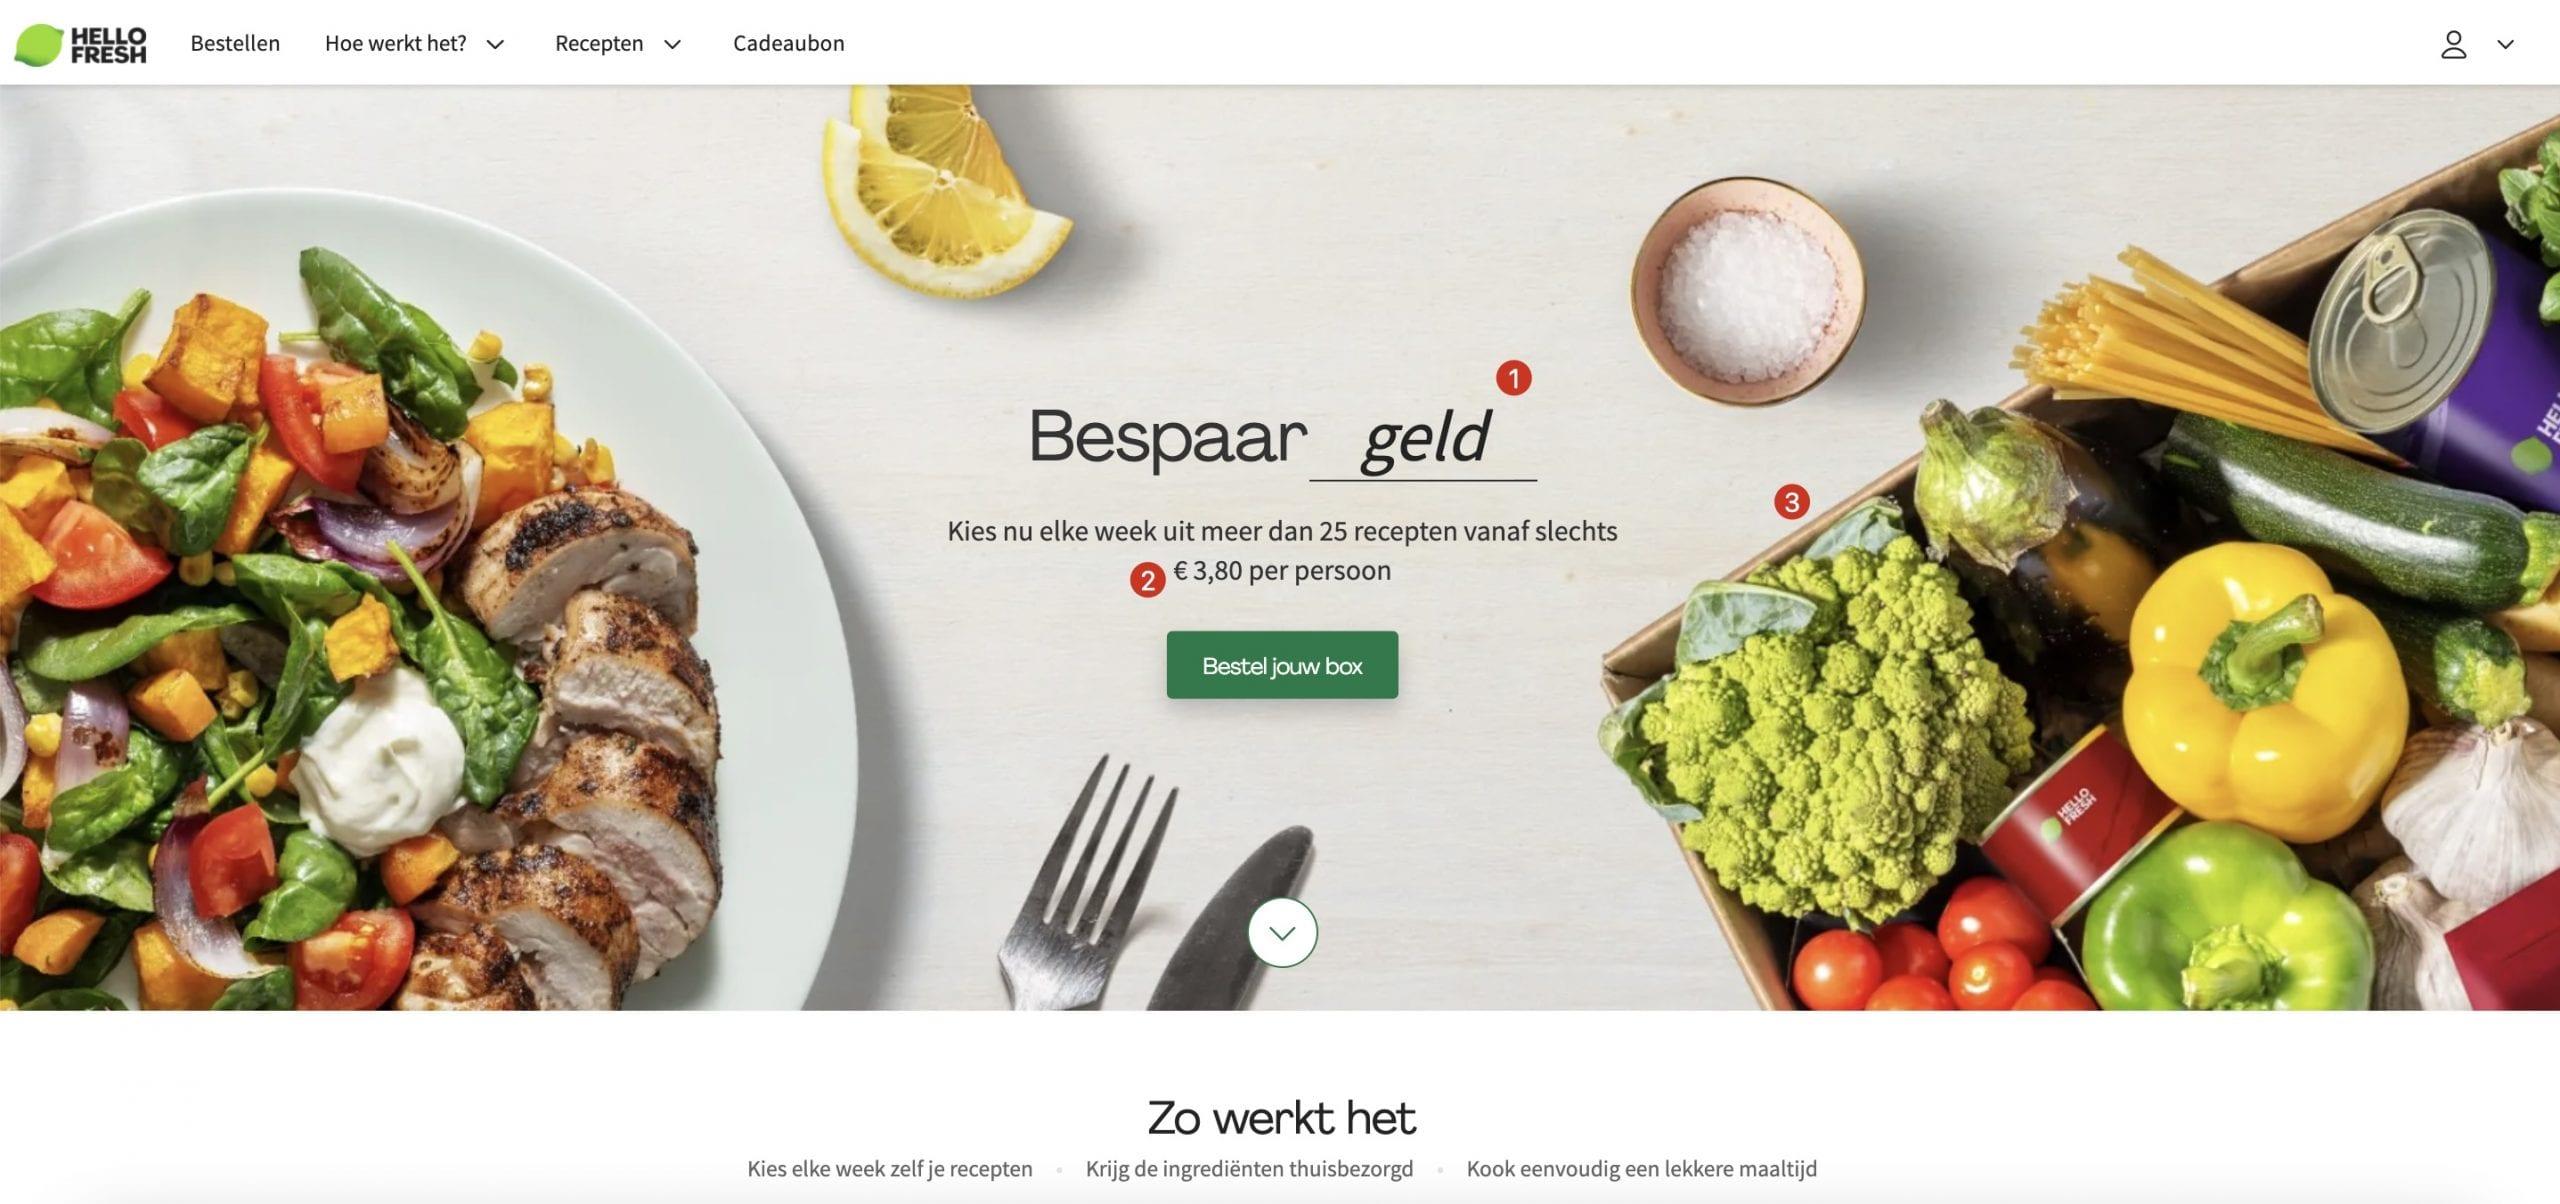 Screenshot van de website van HelloFresh.